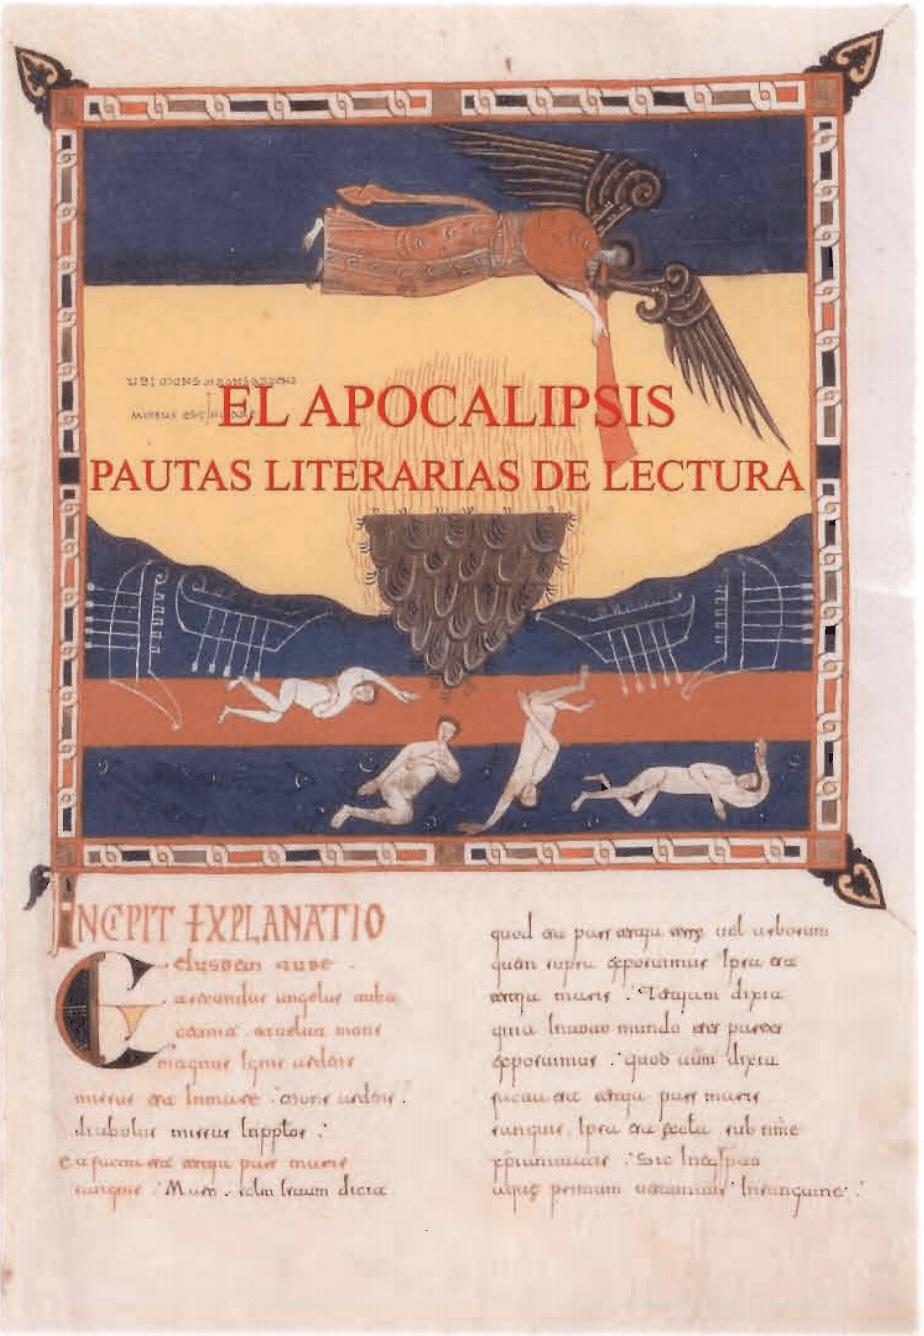 El Apocalipsis, pautas literarias de lectura